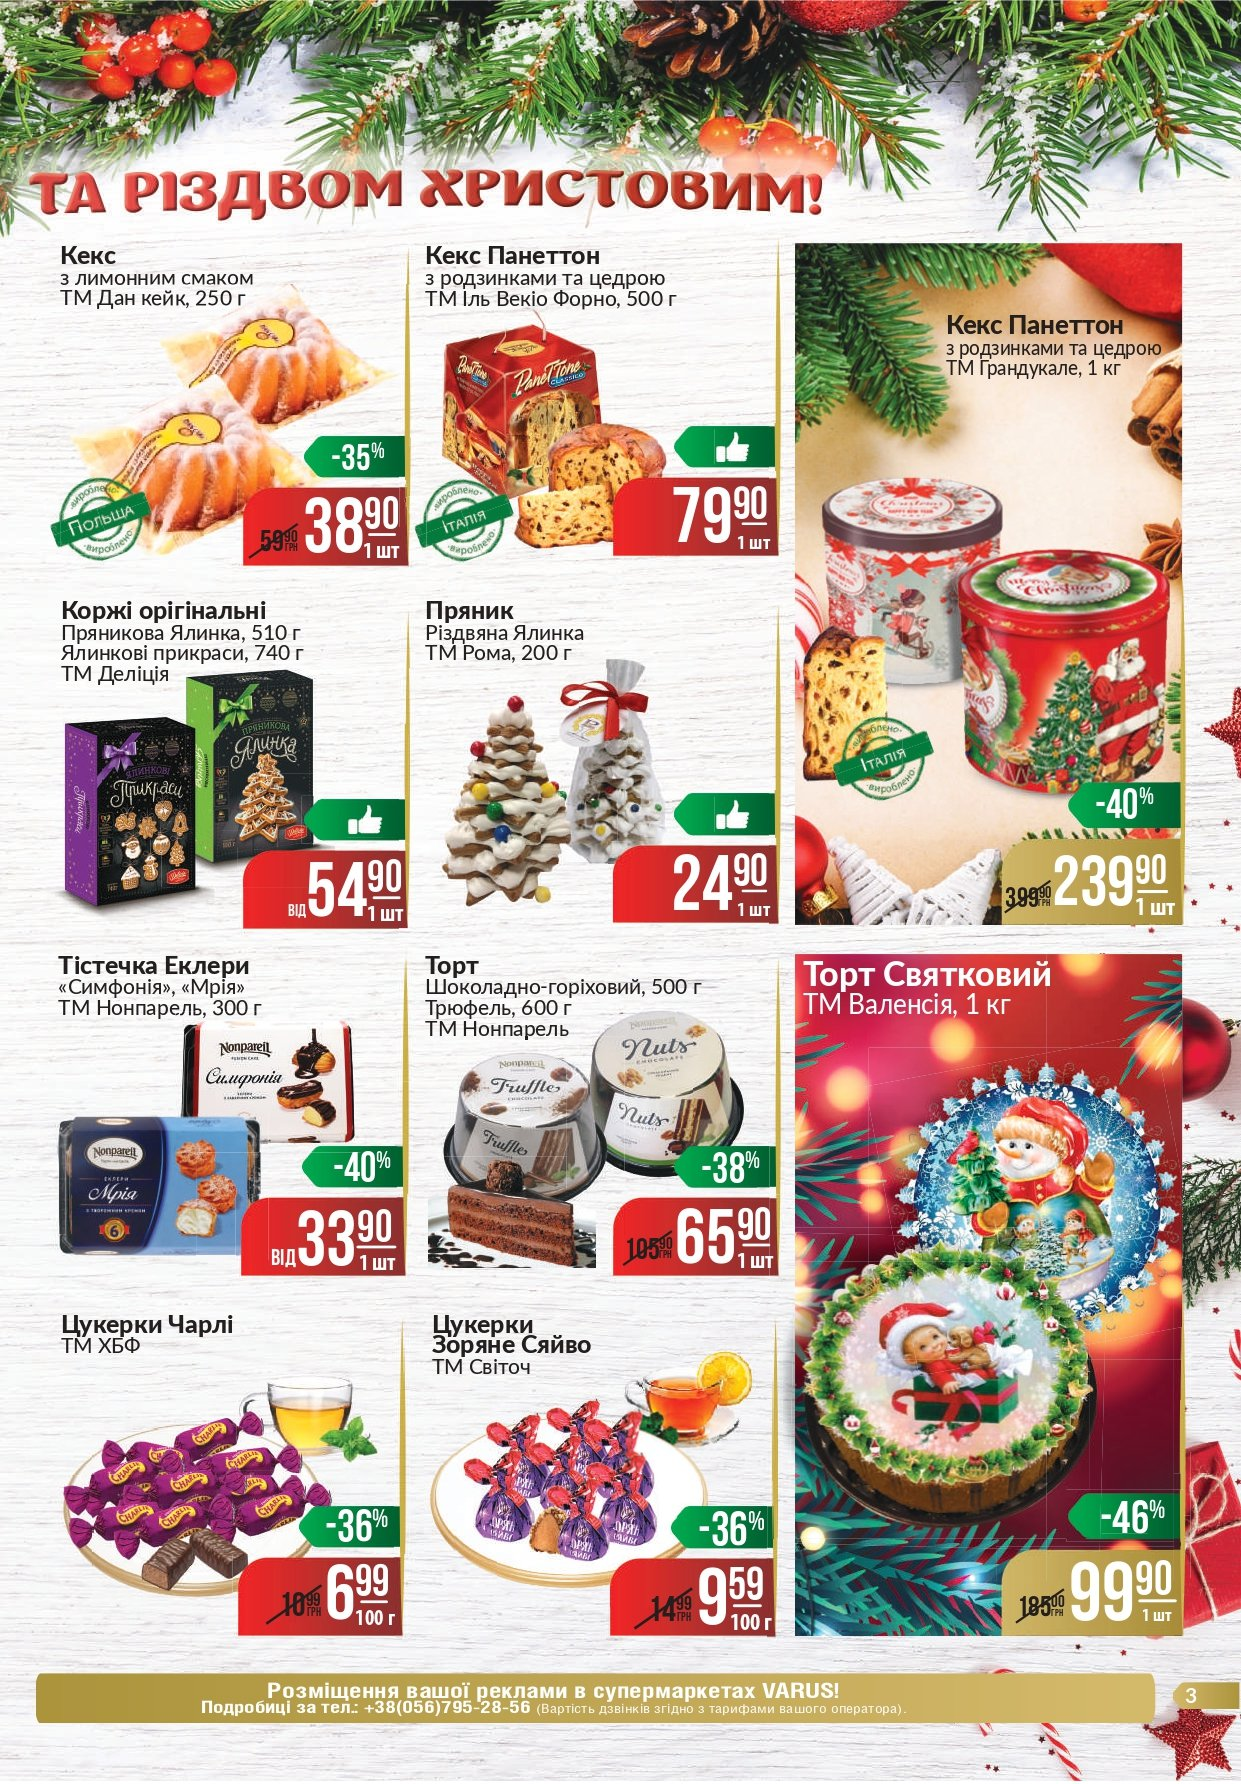 Делаем покупки к Новому Году: какие акции действуют в супермаркетах Днепра, - ЦЕНЫ, фото-32